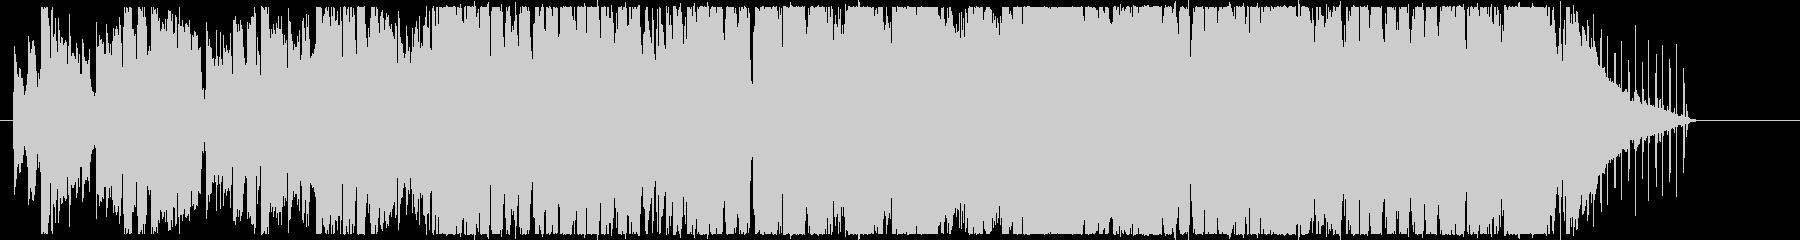 ハーモニカがあったかい感じのボサノバの未再生の波形